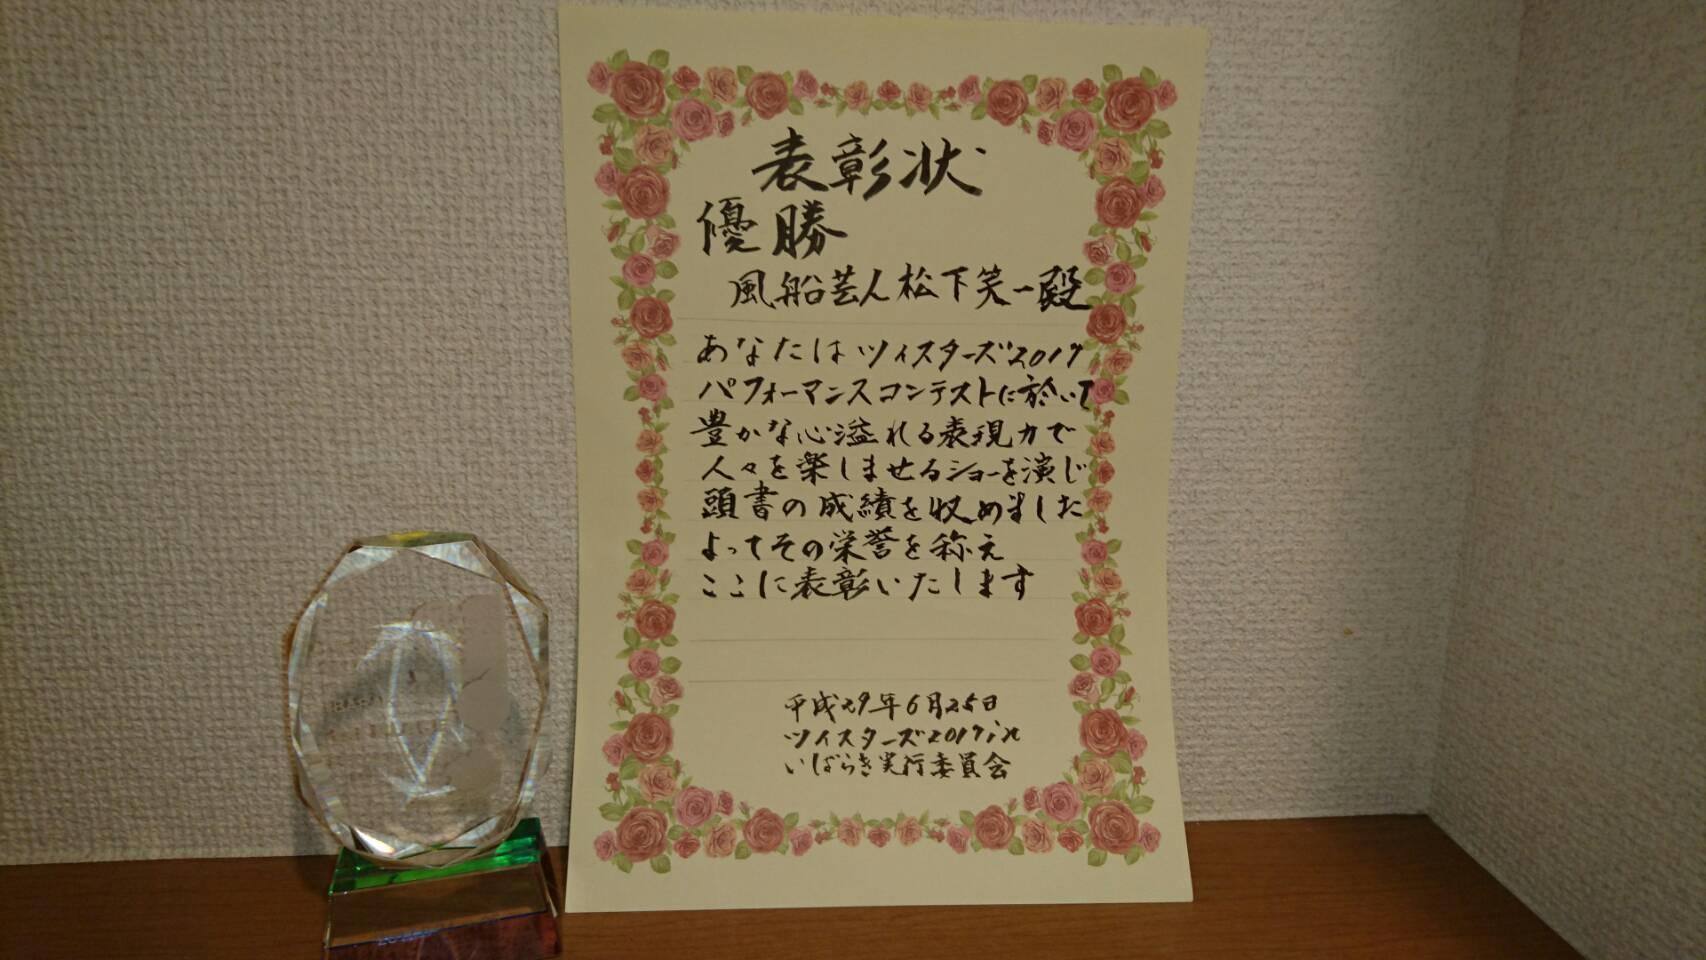 http://news.yoshimoto.co.jp/20170630135526-4712304a4498eba60f5a5bf9476c13fc04ff075c.jpg